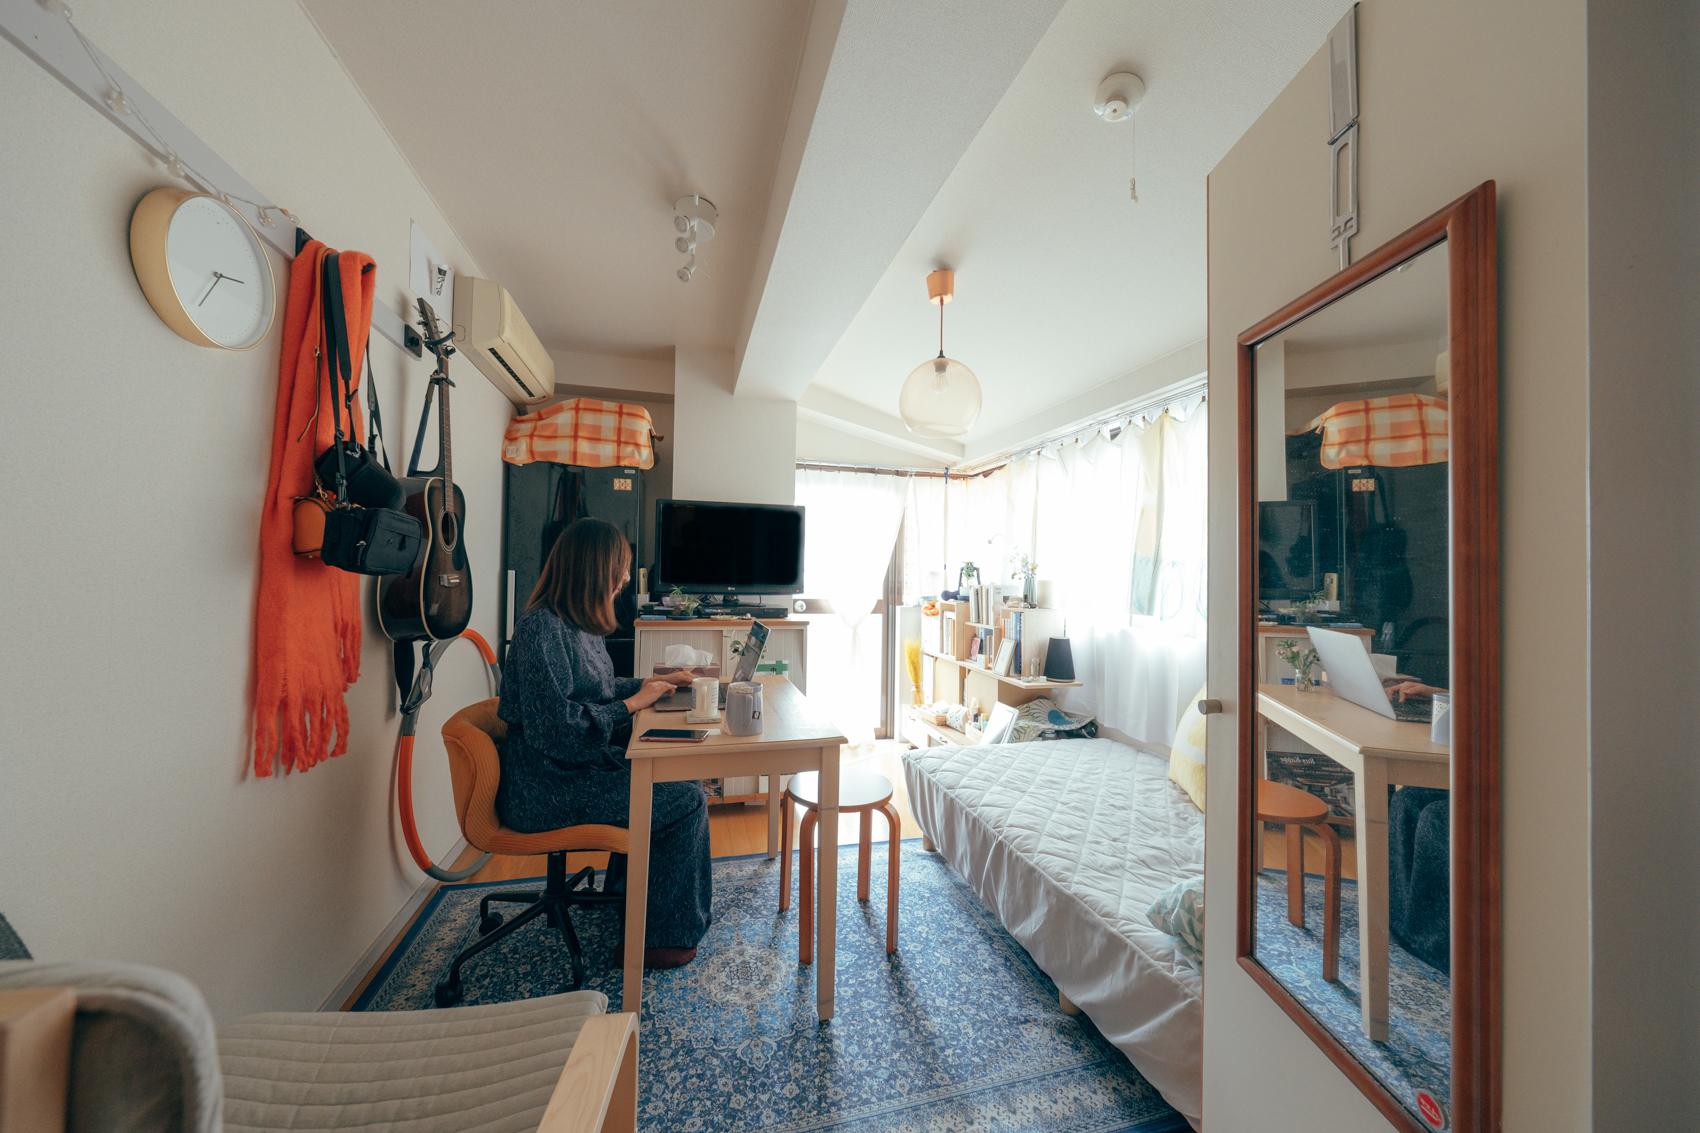 普段は住宅の設計会社に勤められているblue_vesselさん。ご自身の住まいの中でも暮らしに対して工夫をされているようです。 「元々は床にテーブルを置き、座って食事などの生活を行っていたのですが、日々の生活の目線を上げるべく、ベット購入を機会に今のダイニングテーブルで椅子に座るスタイルへ変えました。」